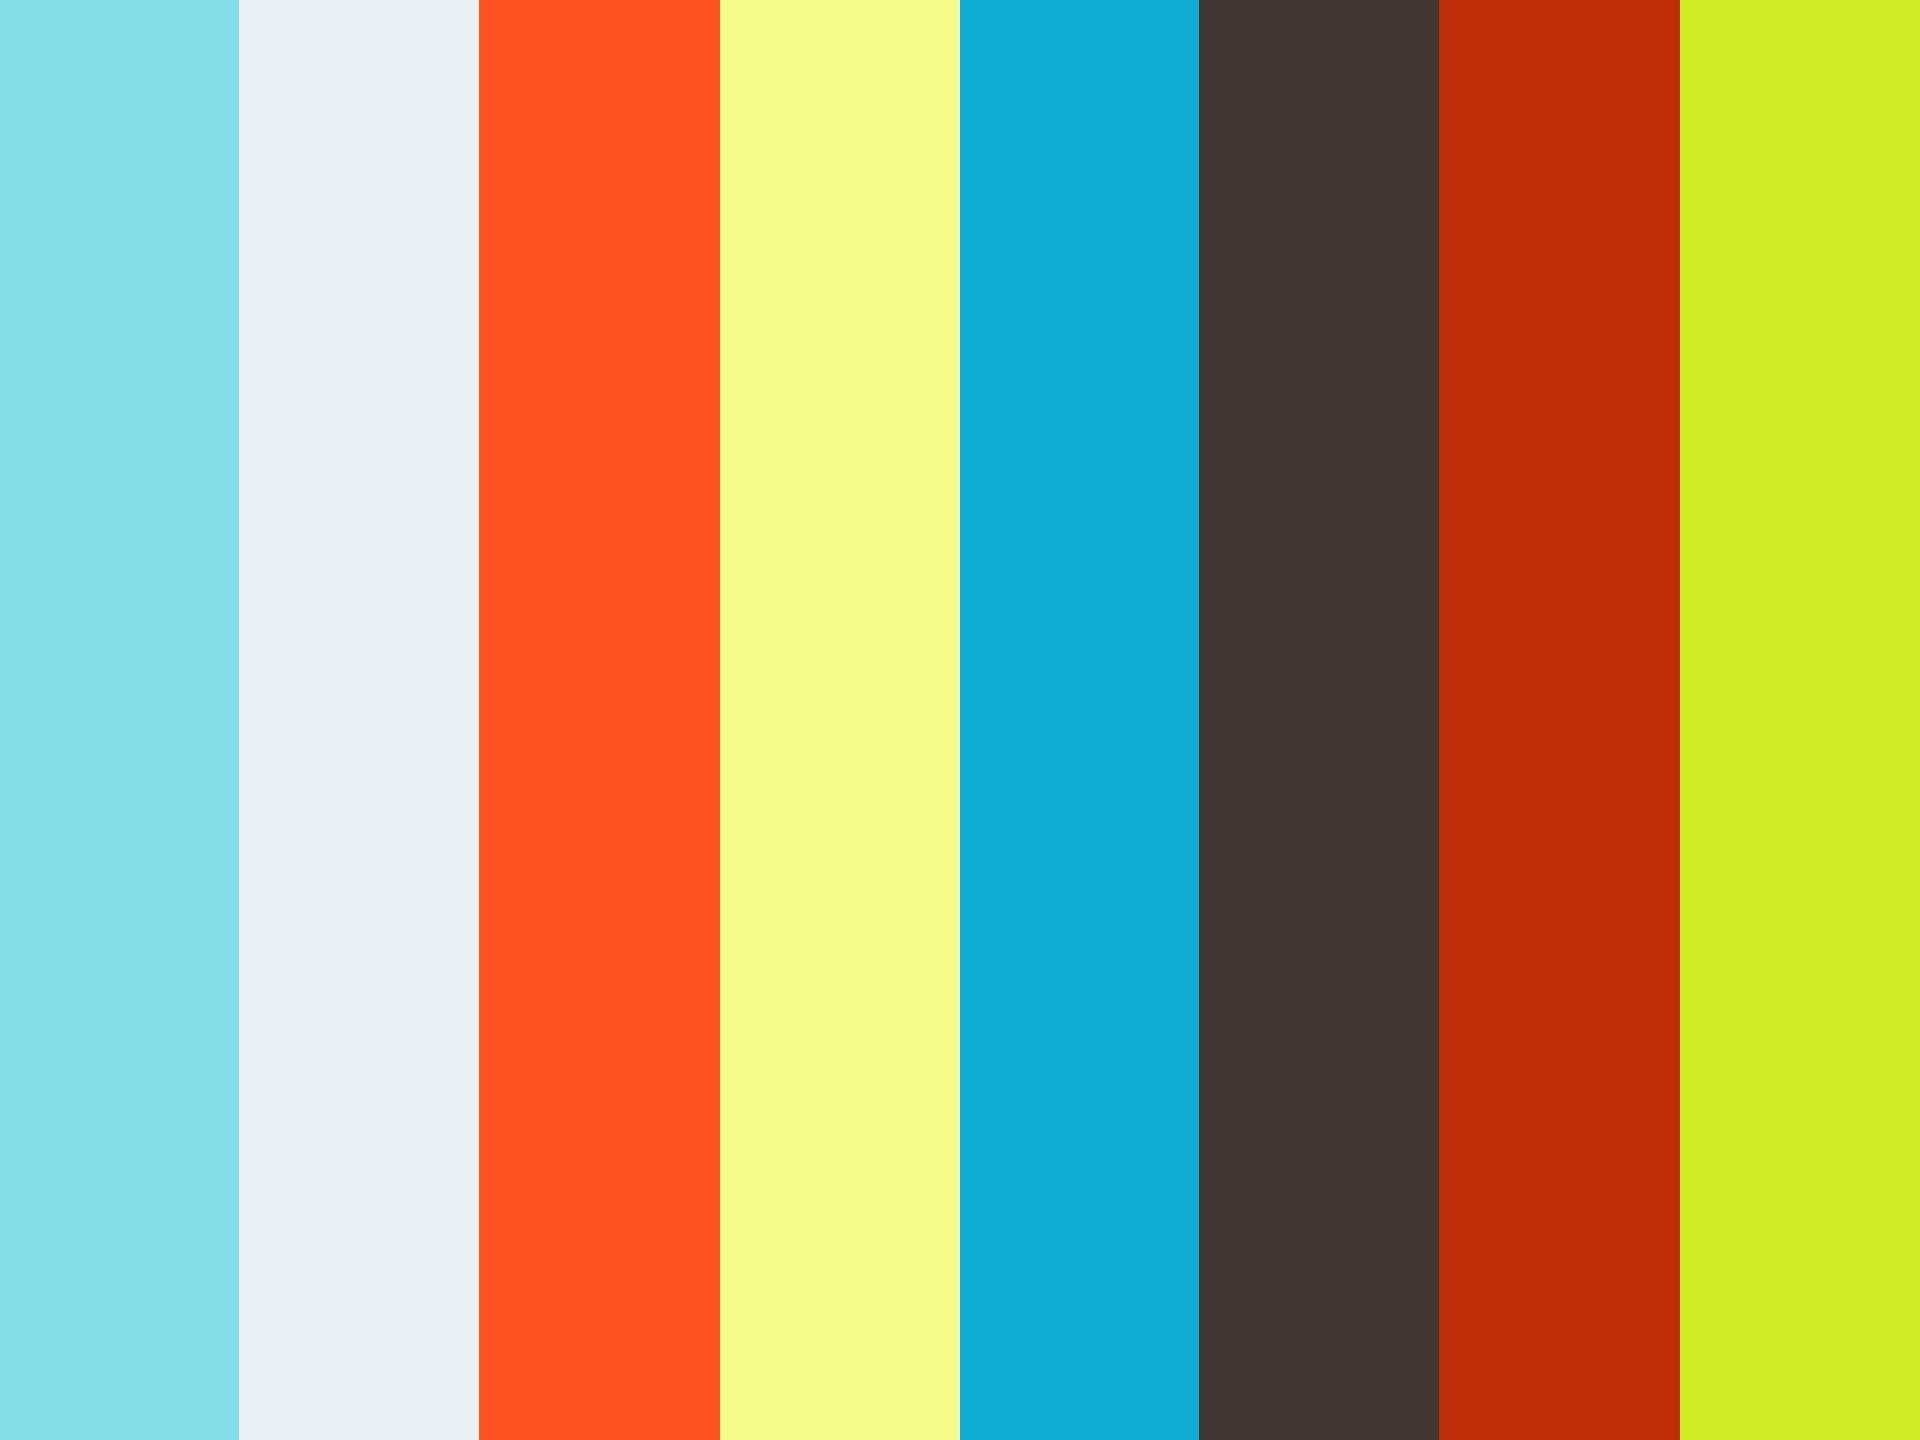 TeppichcurlingTurnier Fritslaslaget 2014 on Vimeo